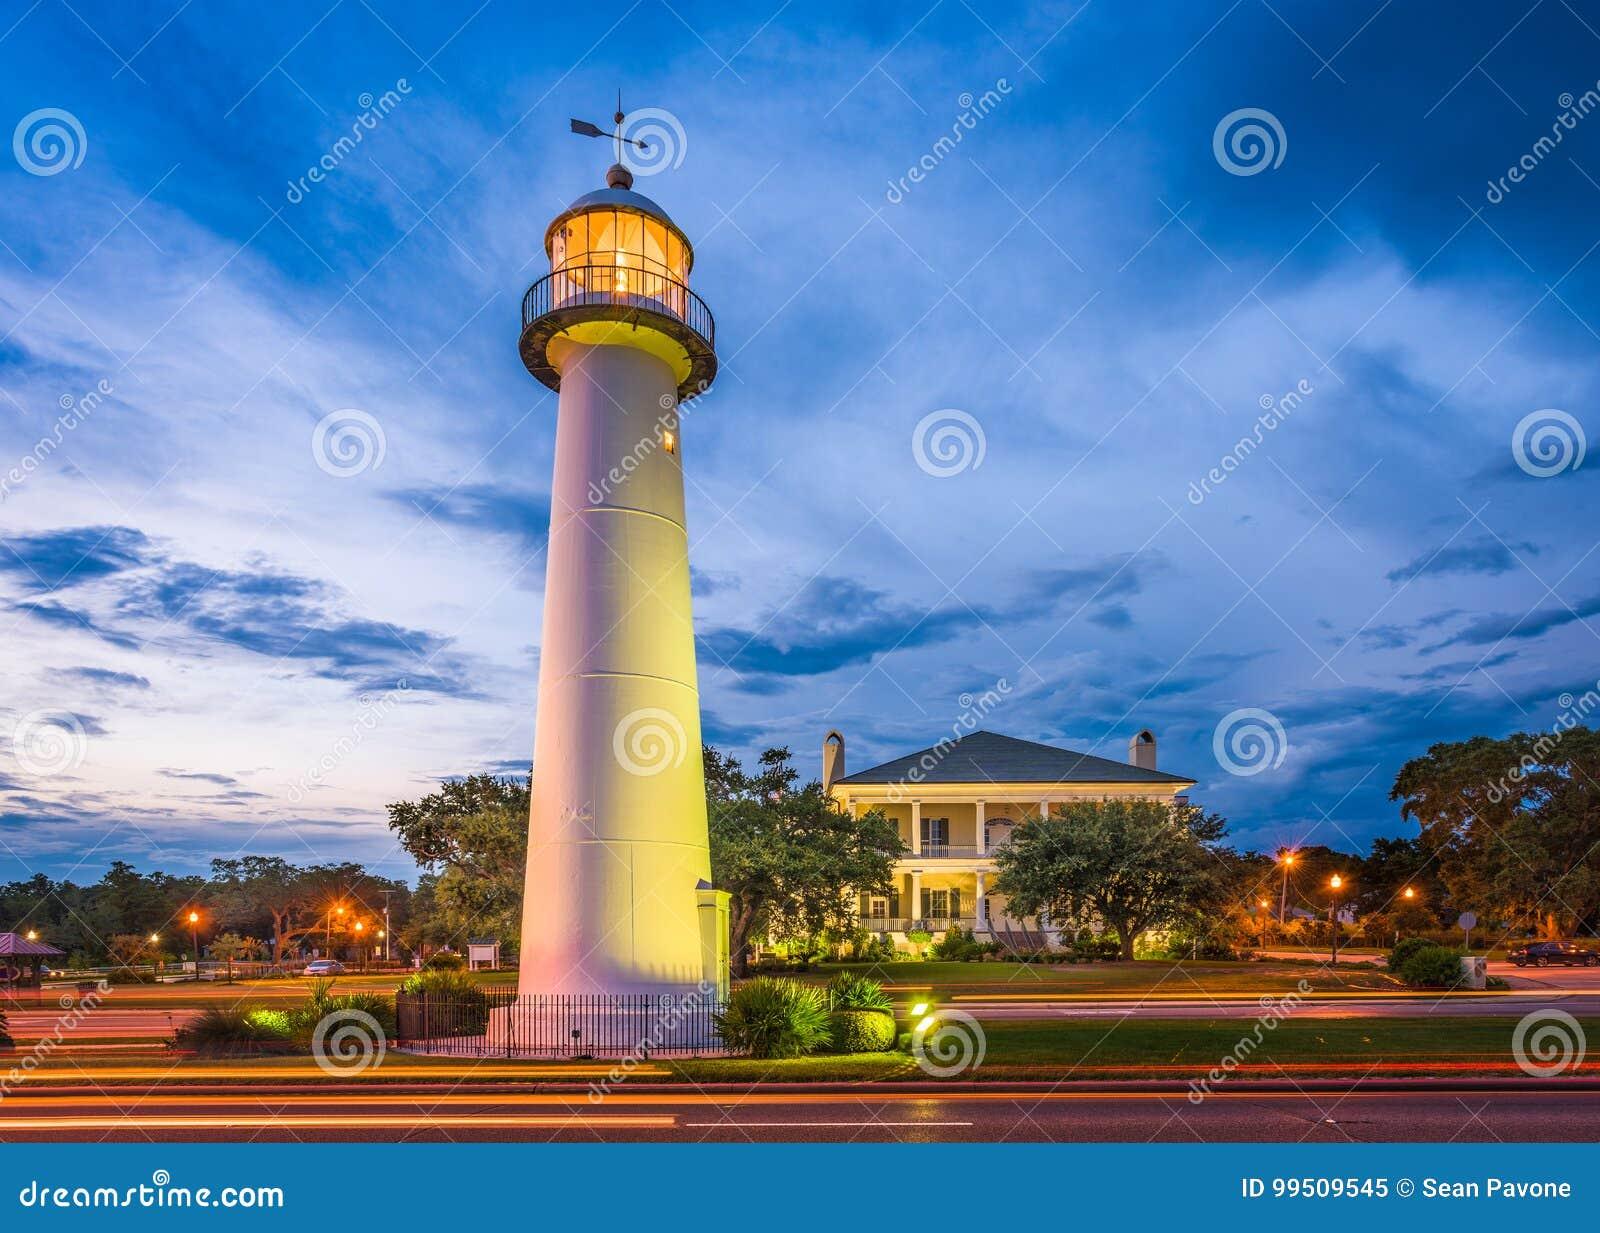 Biloxi, Mississippi Lighthouse